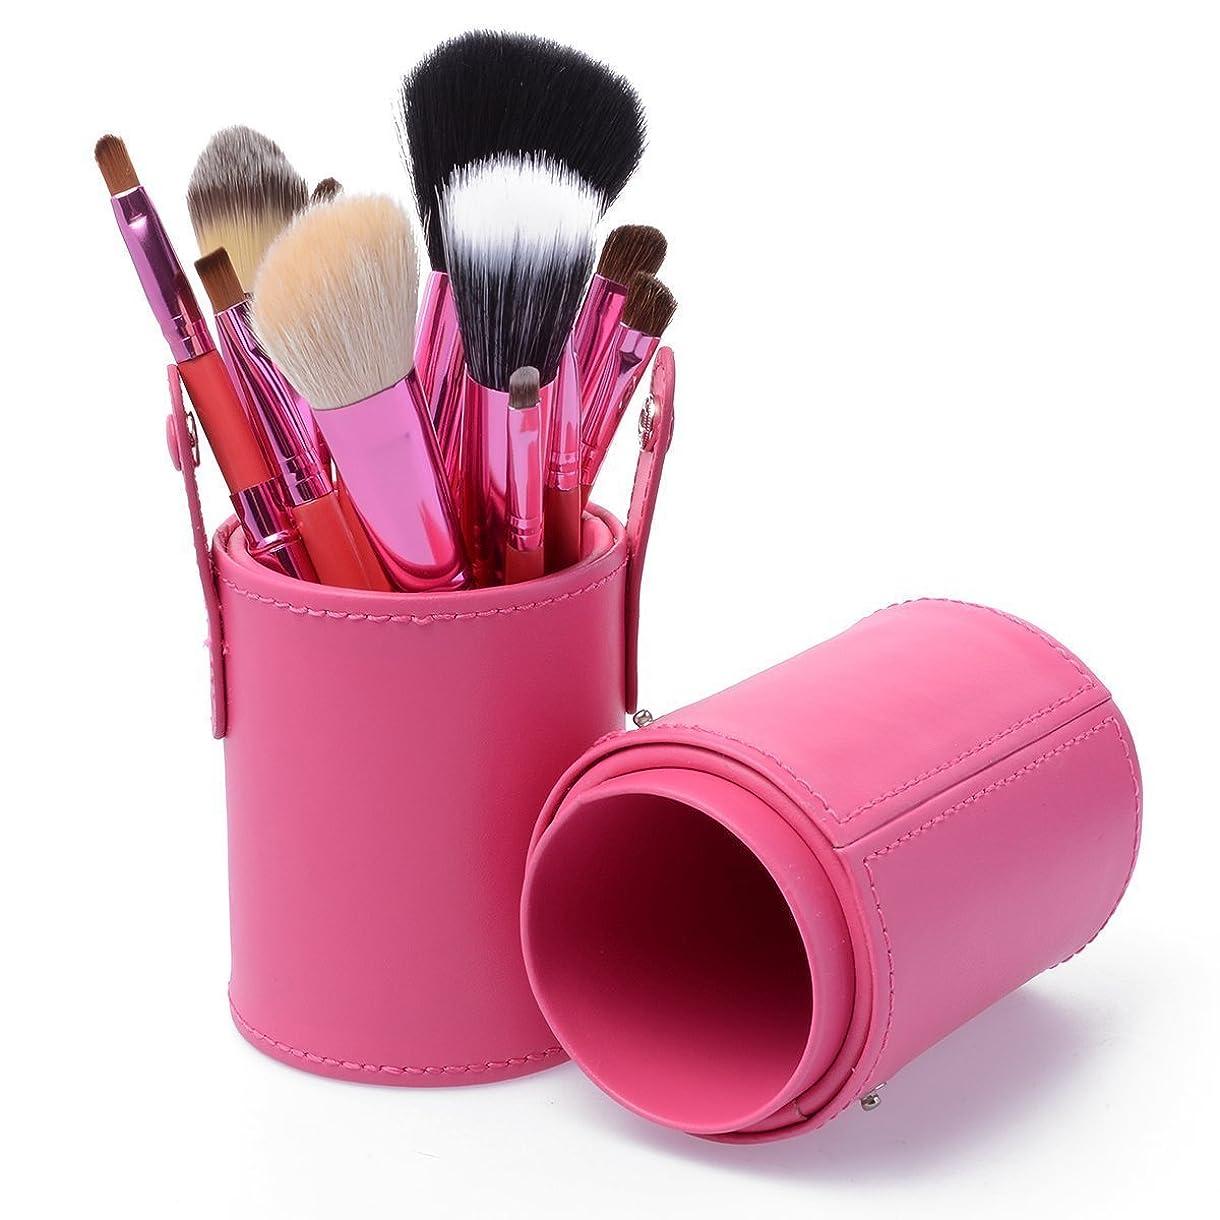 確かにウミウシにはまってKanCai メイク ブラシ セット 12本 化粧ブラシ セット コスメ ブラシ 収納ケース付き (ピンク)